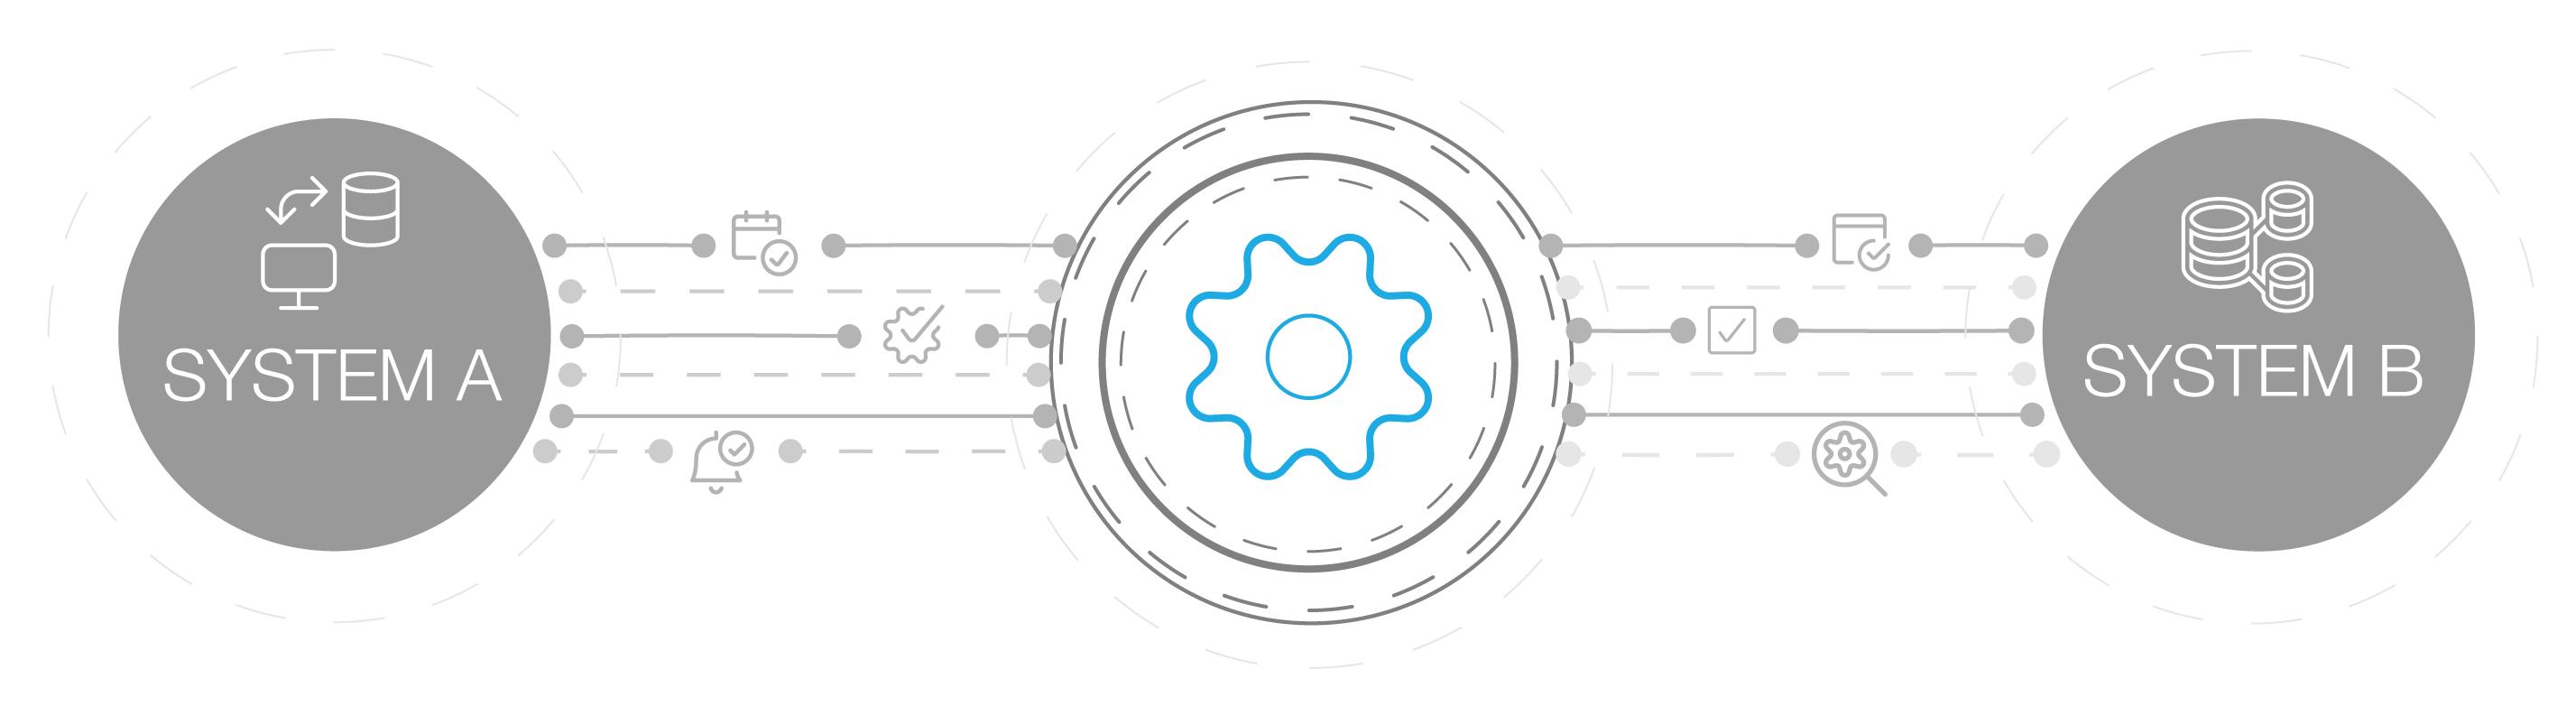 system_integration_platform_illustration_Rityta 1